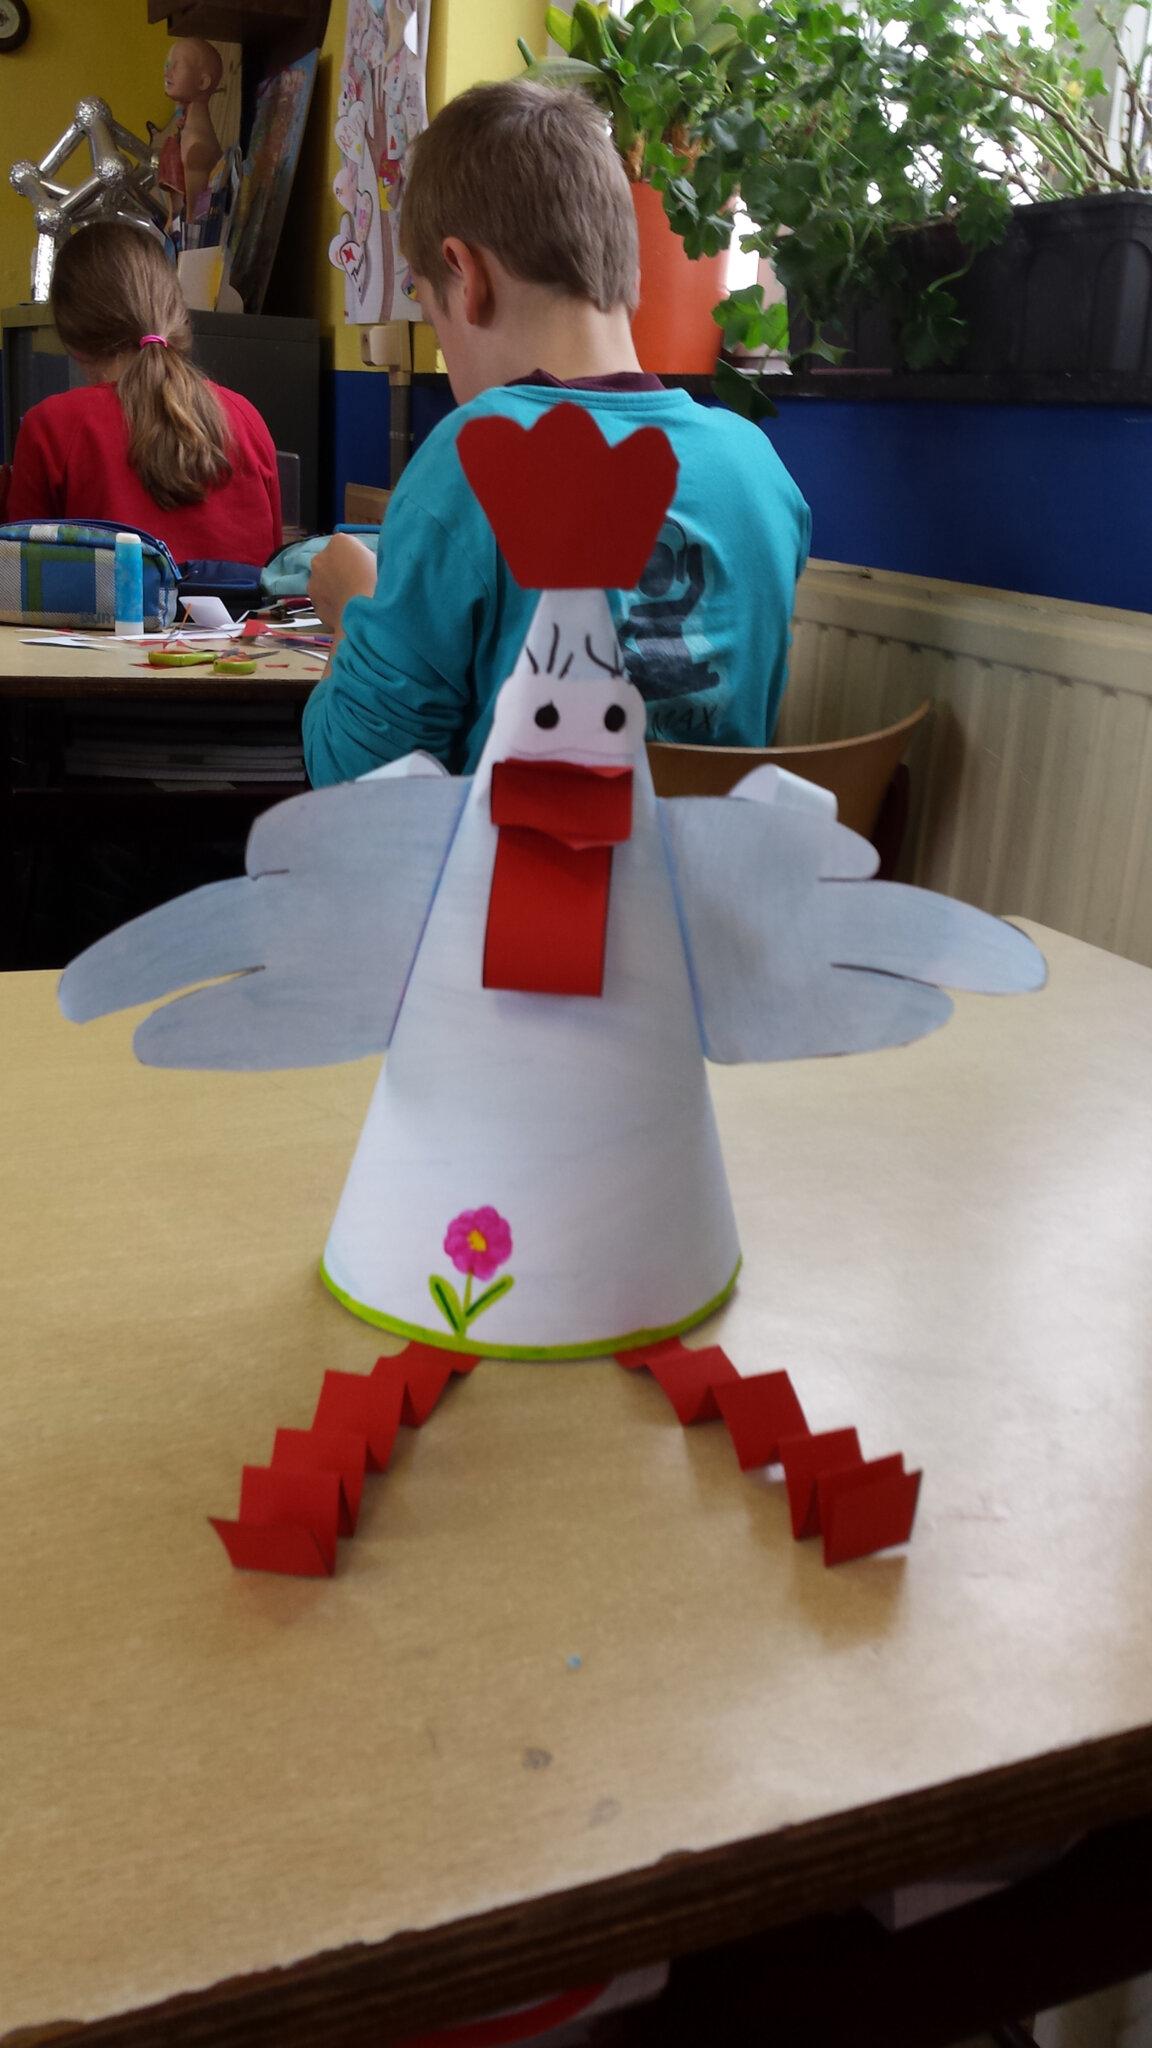 notre poule de pâques (p5-6) - ecole maternelle et primaire de